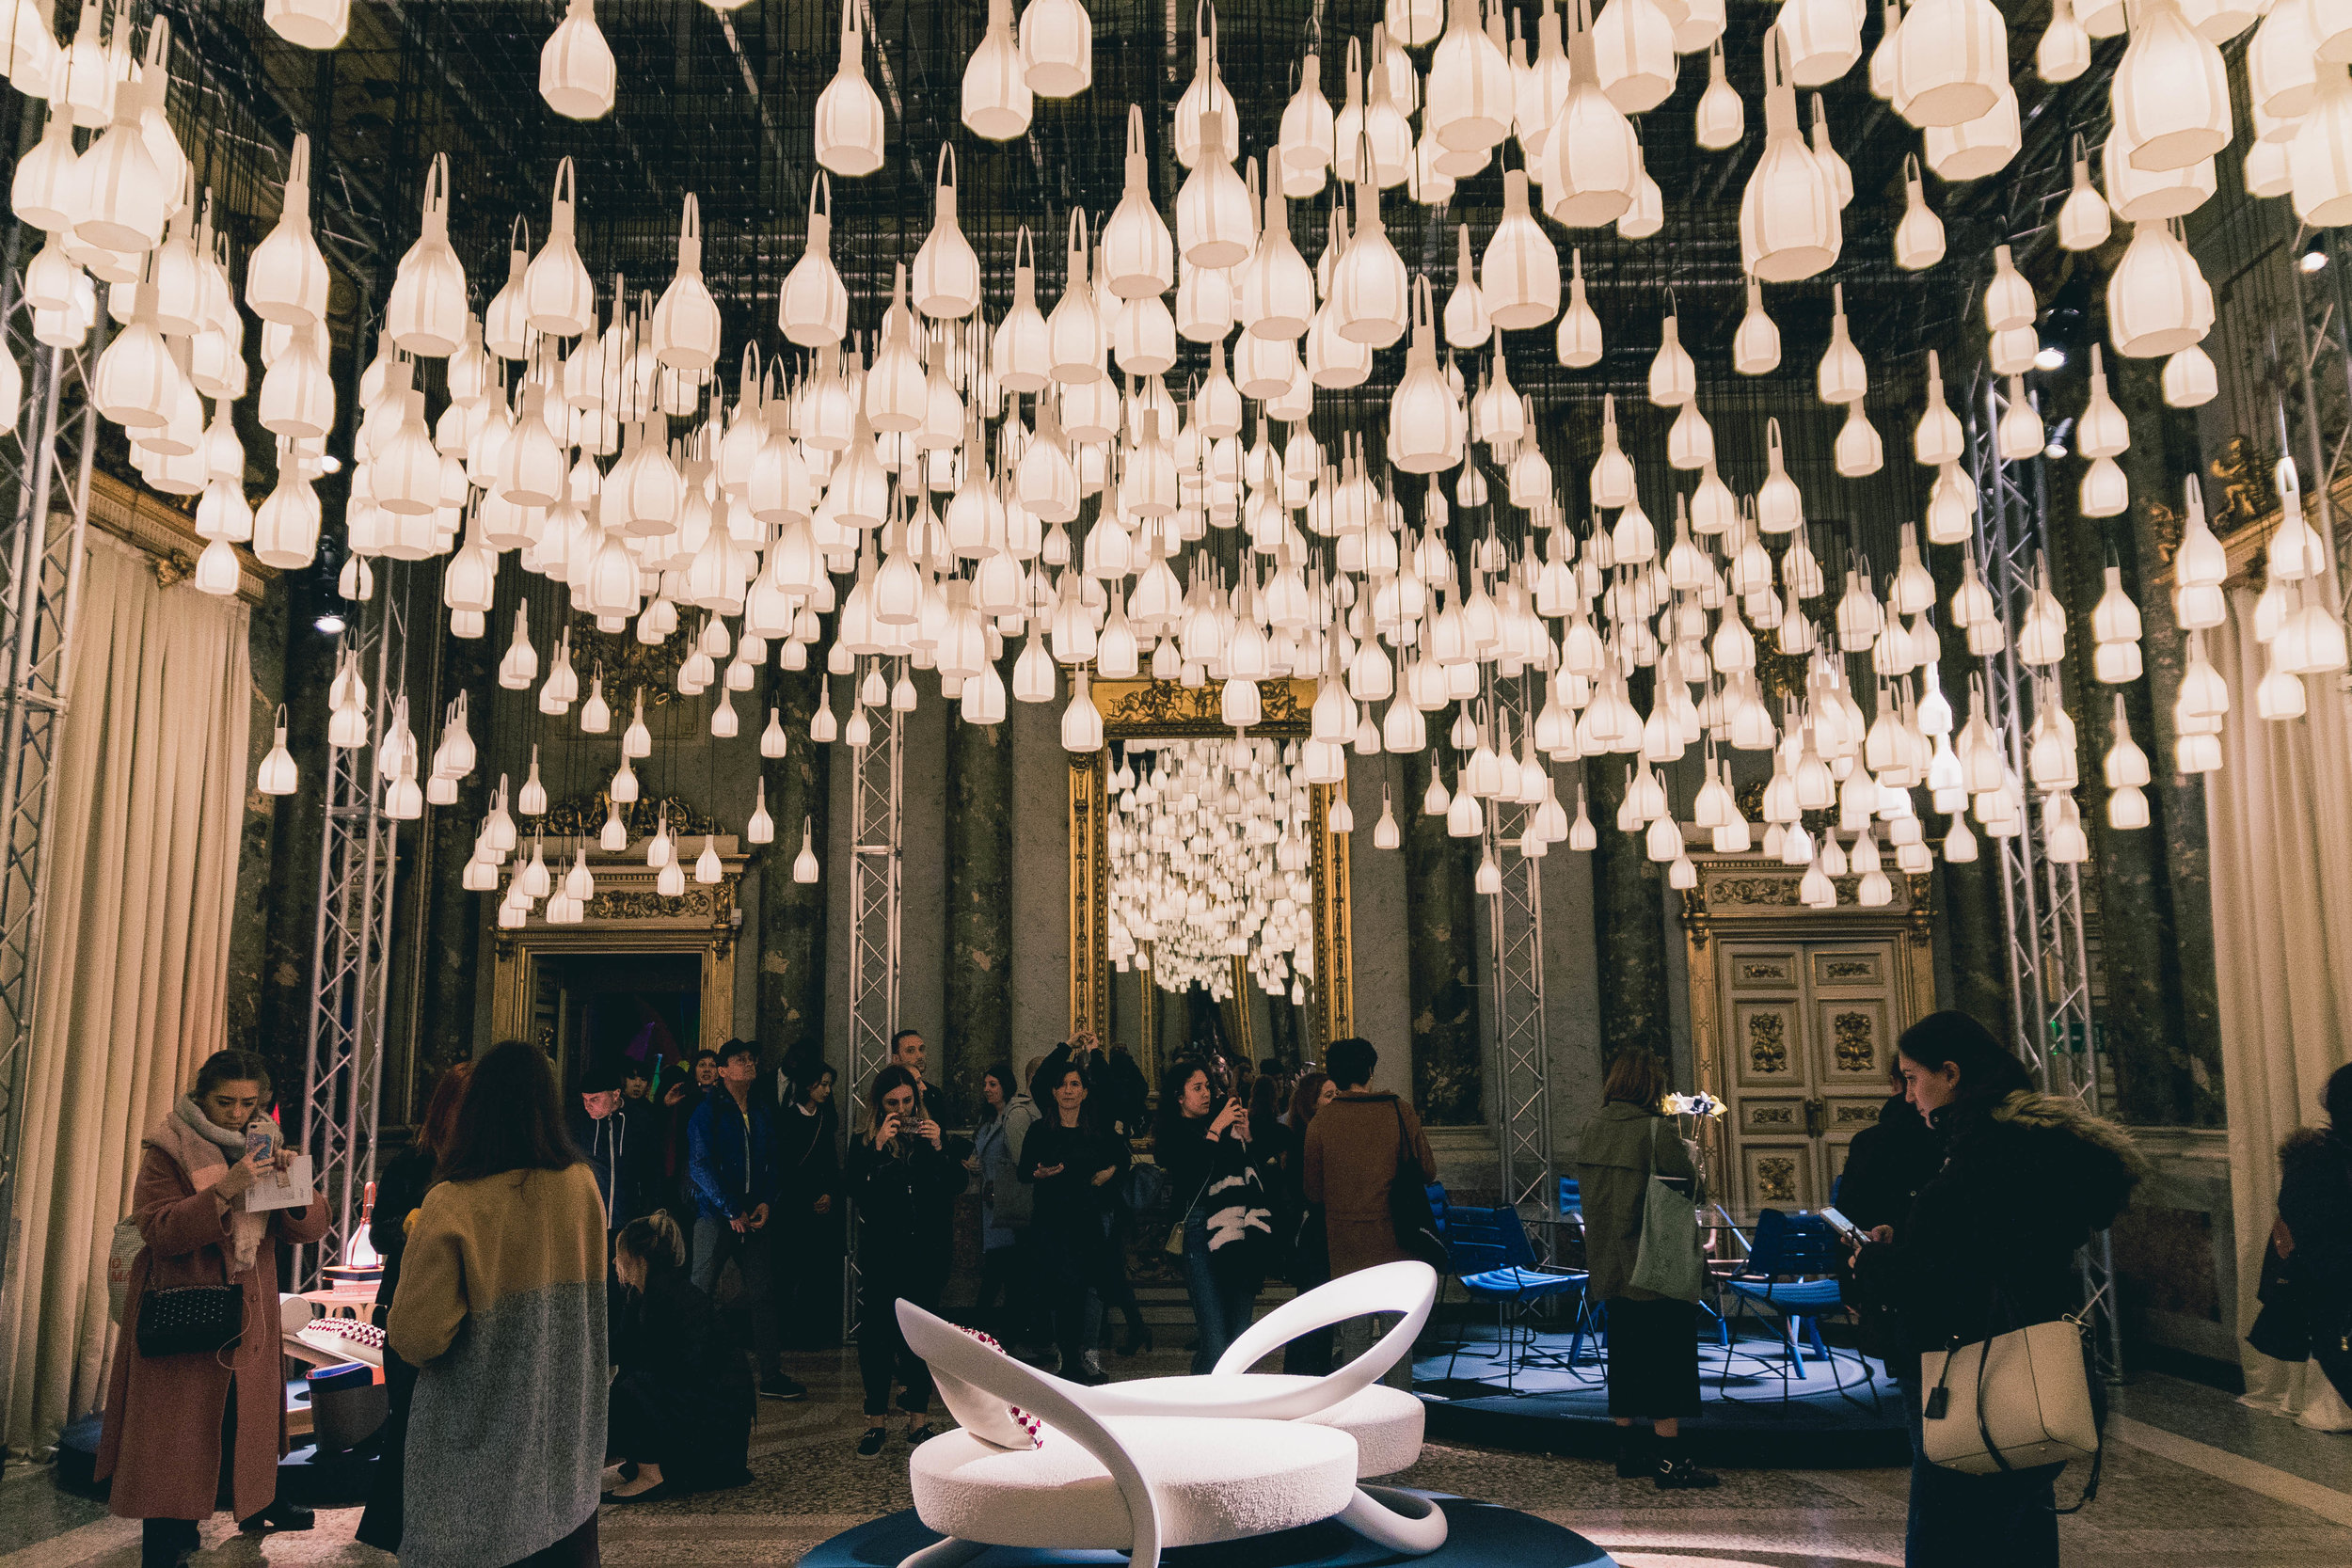 Milan_installations-19.jpg